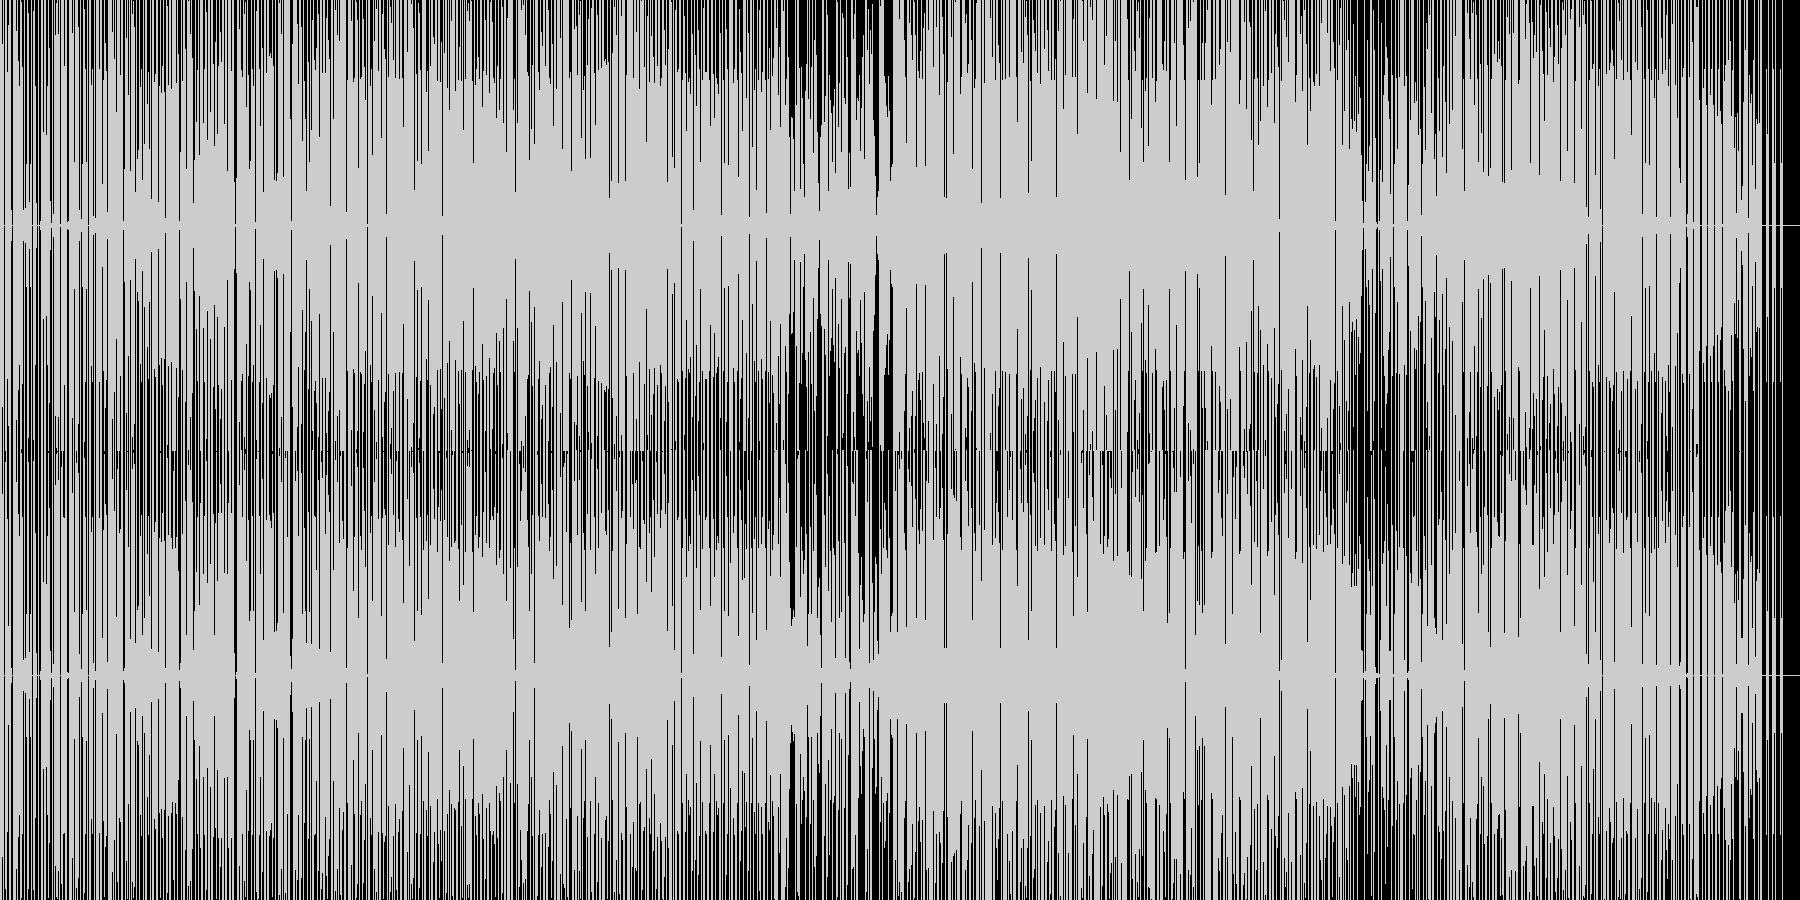 エレクトロニカbreakbeatsの未再生の波形